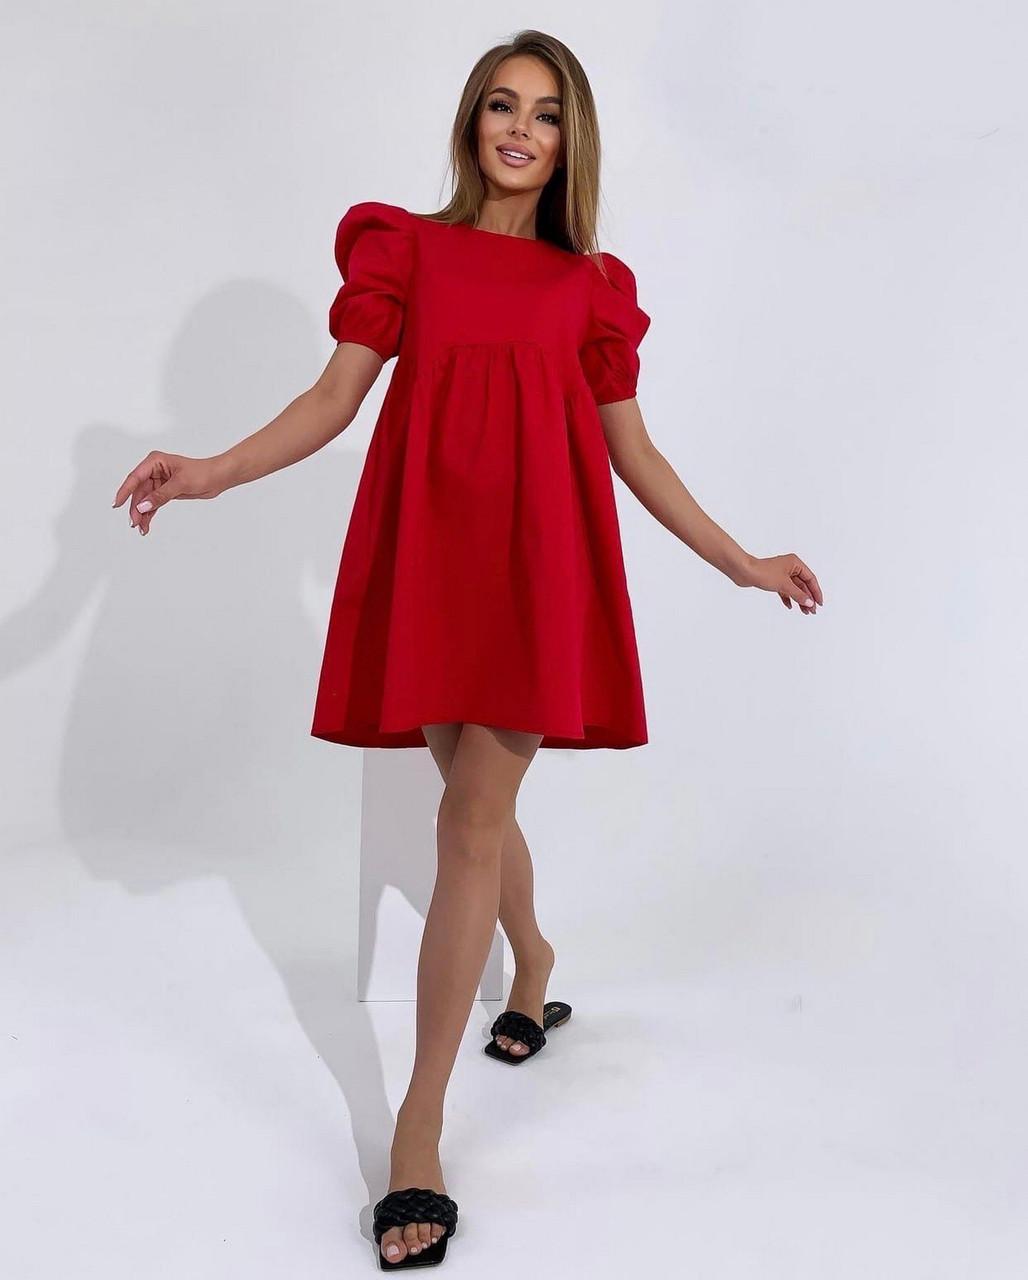 Женское платье котоновое свободного кроя с завышенной талией с коротким рукавом, 01018 (Красный), Размер 42